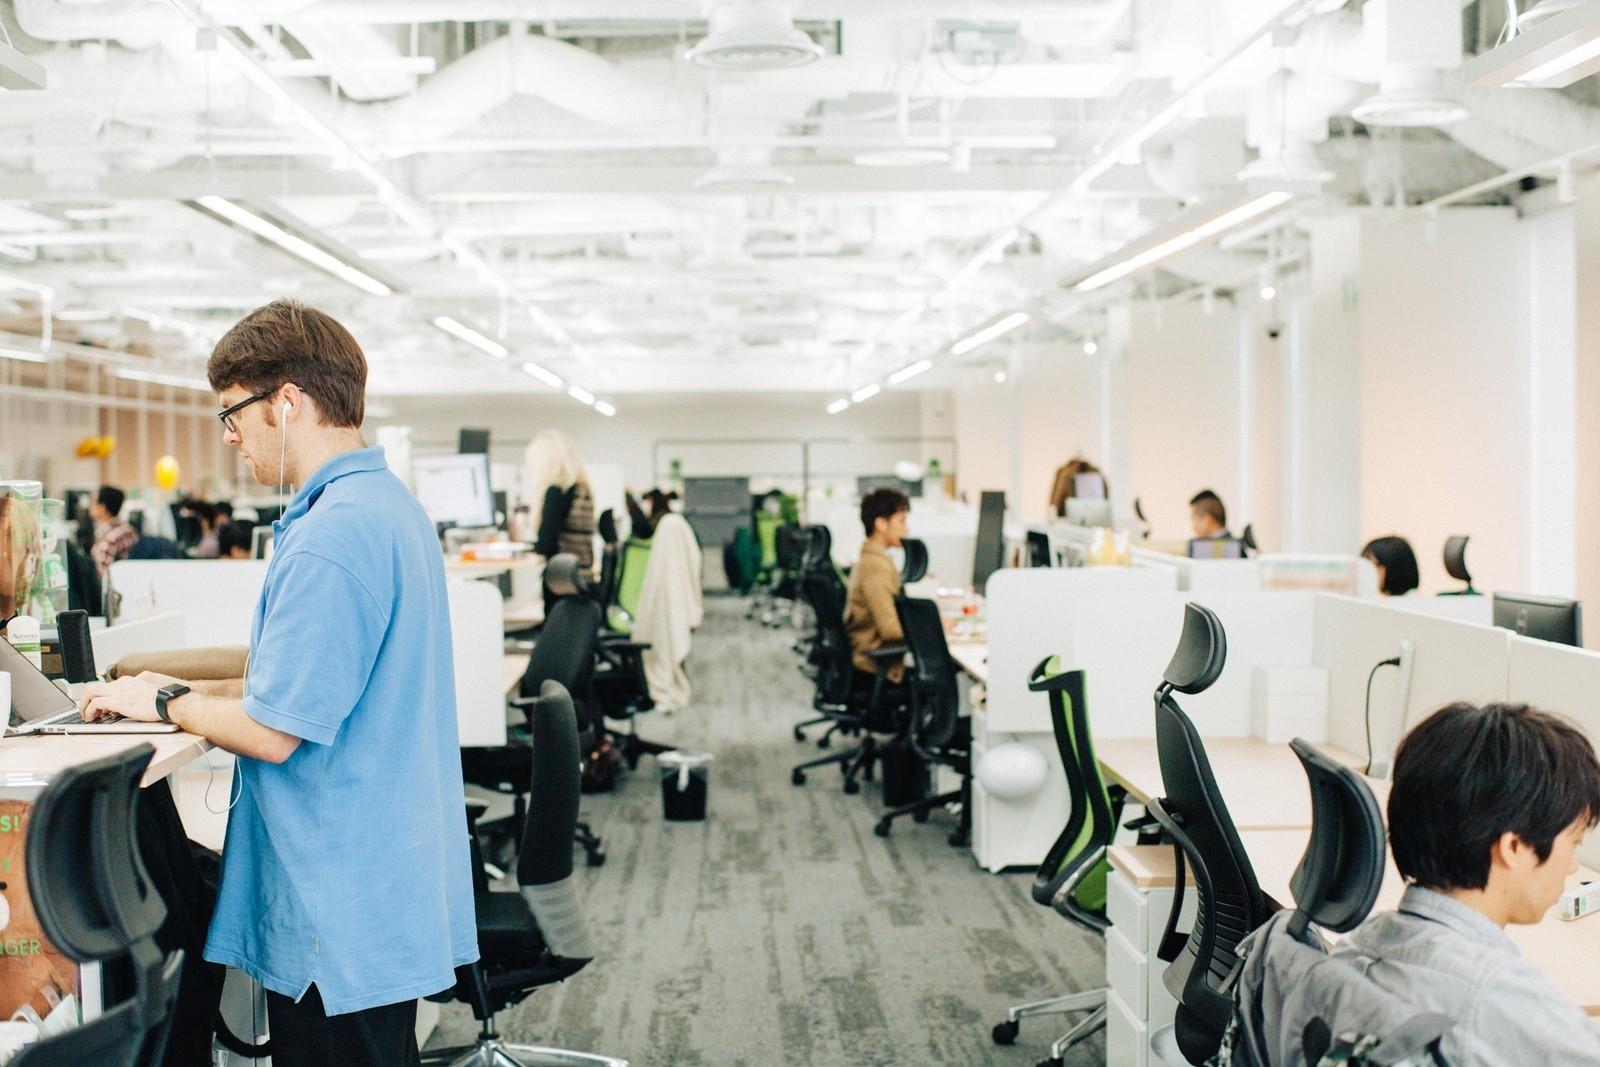 【プロダクトマネジャー(LINEサービス)】福岡オフィスでLINEサービスのPM募集